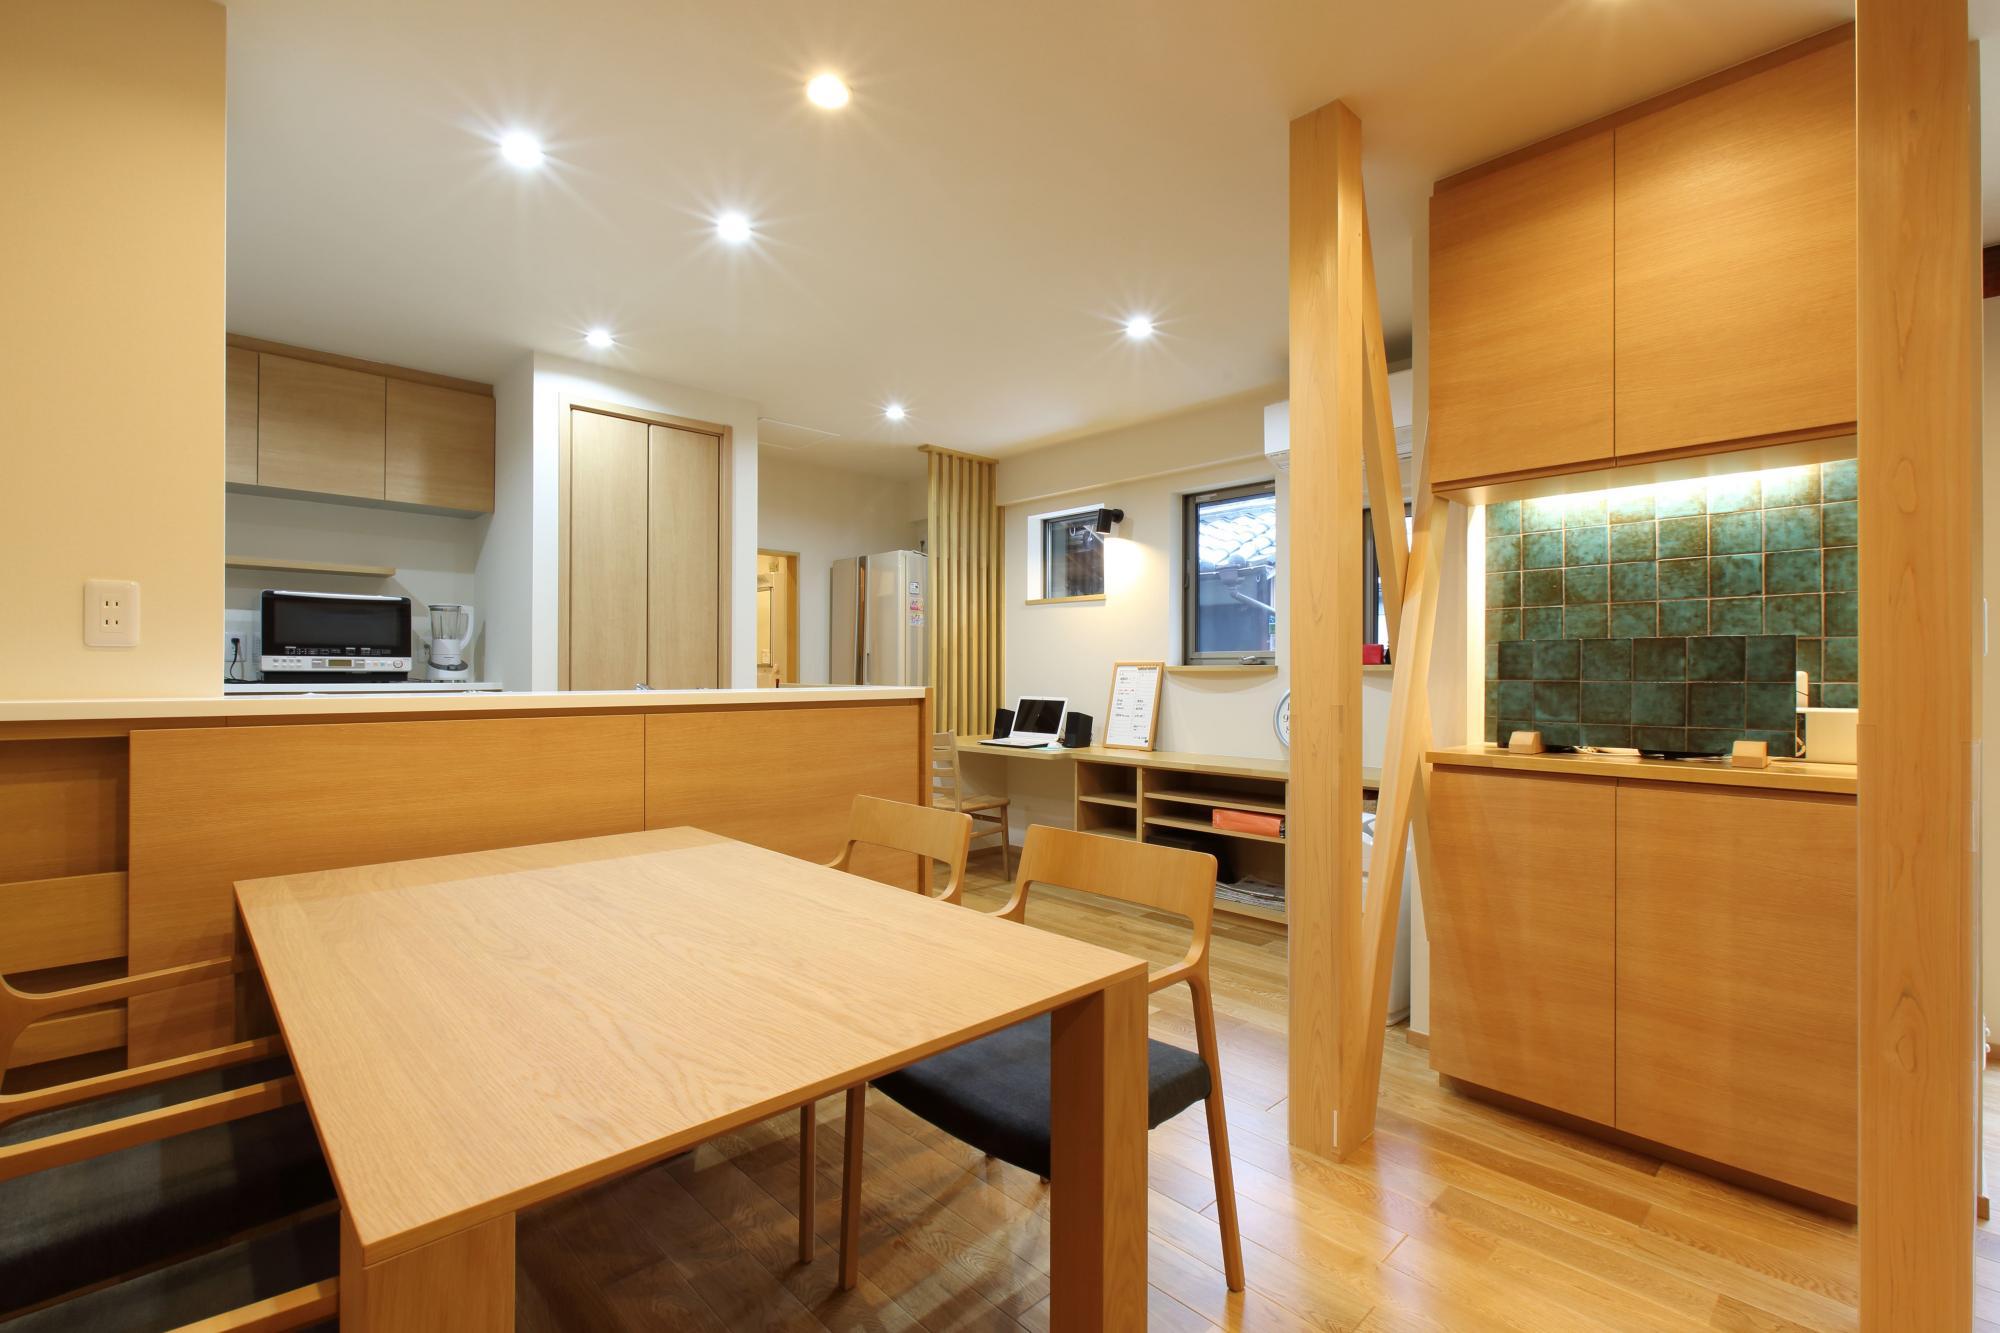 キッチンカウンター前面部分の収納と右手に設けた造作収納は当社オリジナル。以前和室だった部分の柱は新しく取り替え、筋かいを加えて室内のアクセントとした。ダイニングテーブルは内装にあわせてセレクトしている。